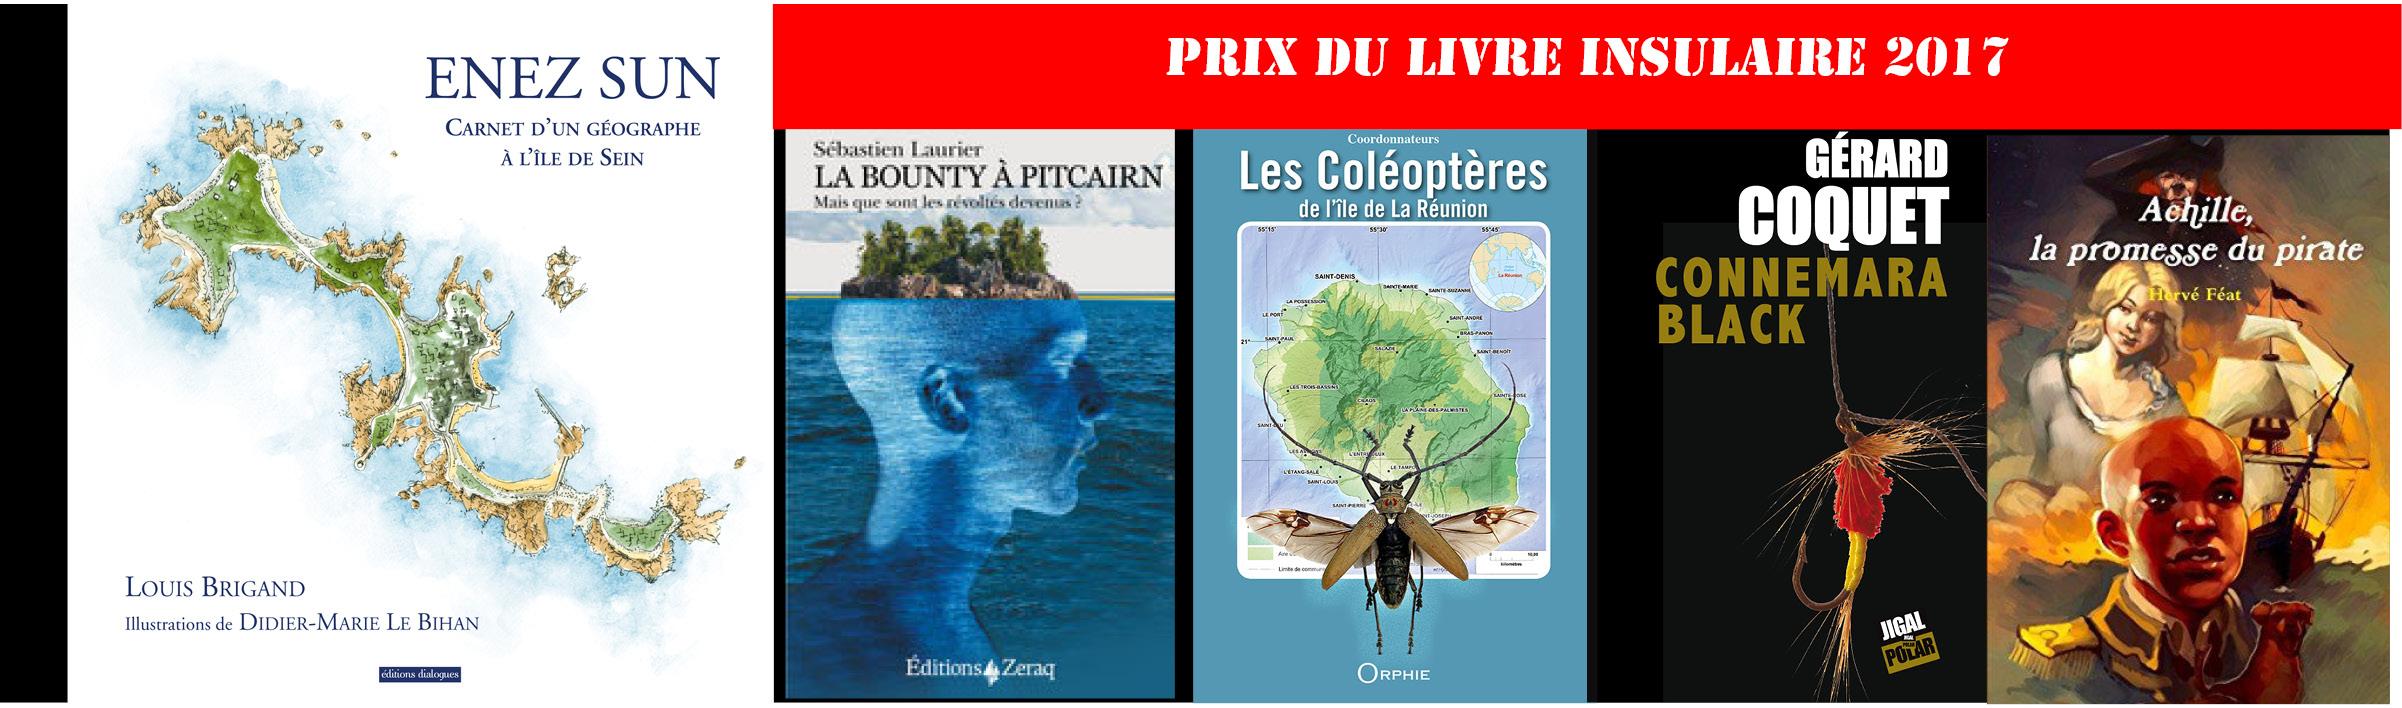 Palmarès du Prix du Livre Insulaire 2017